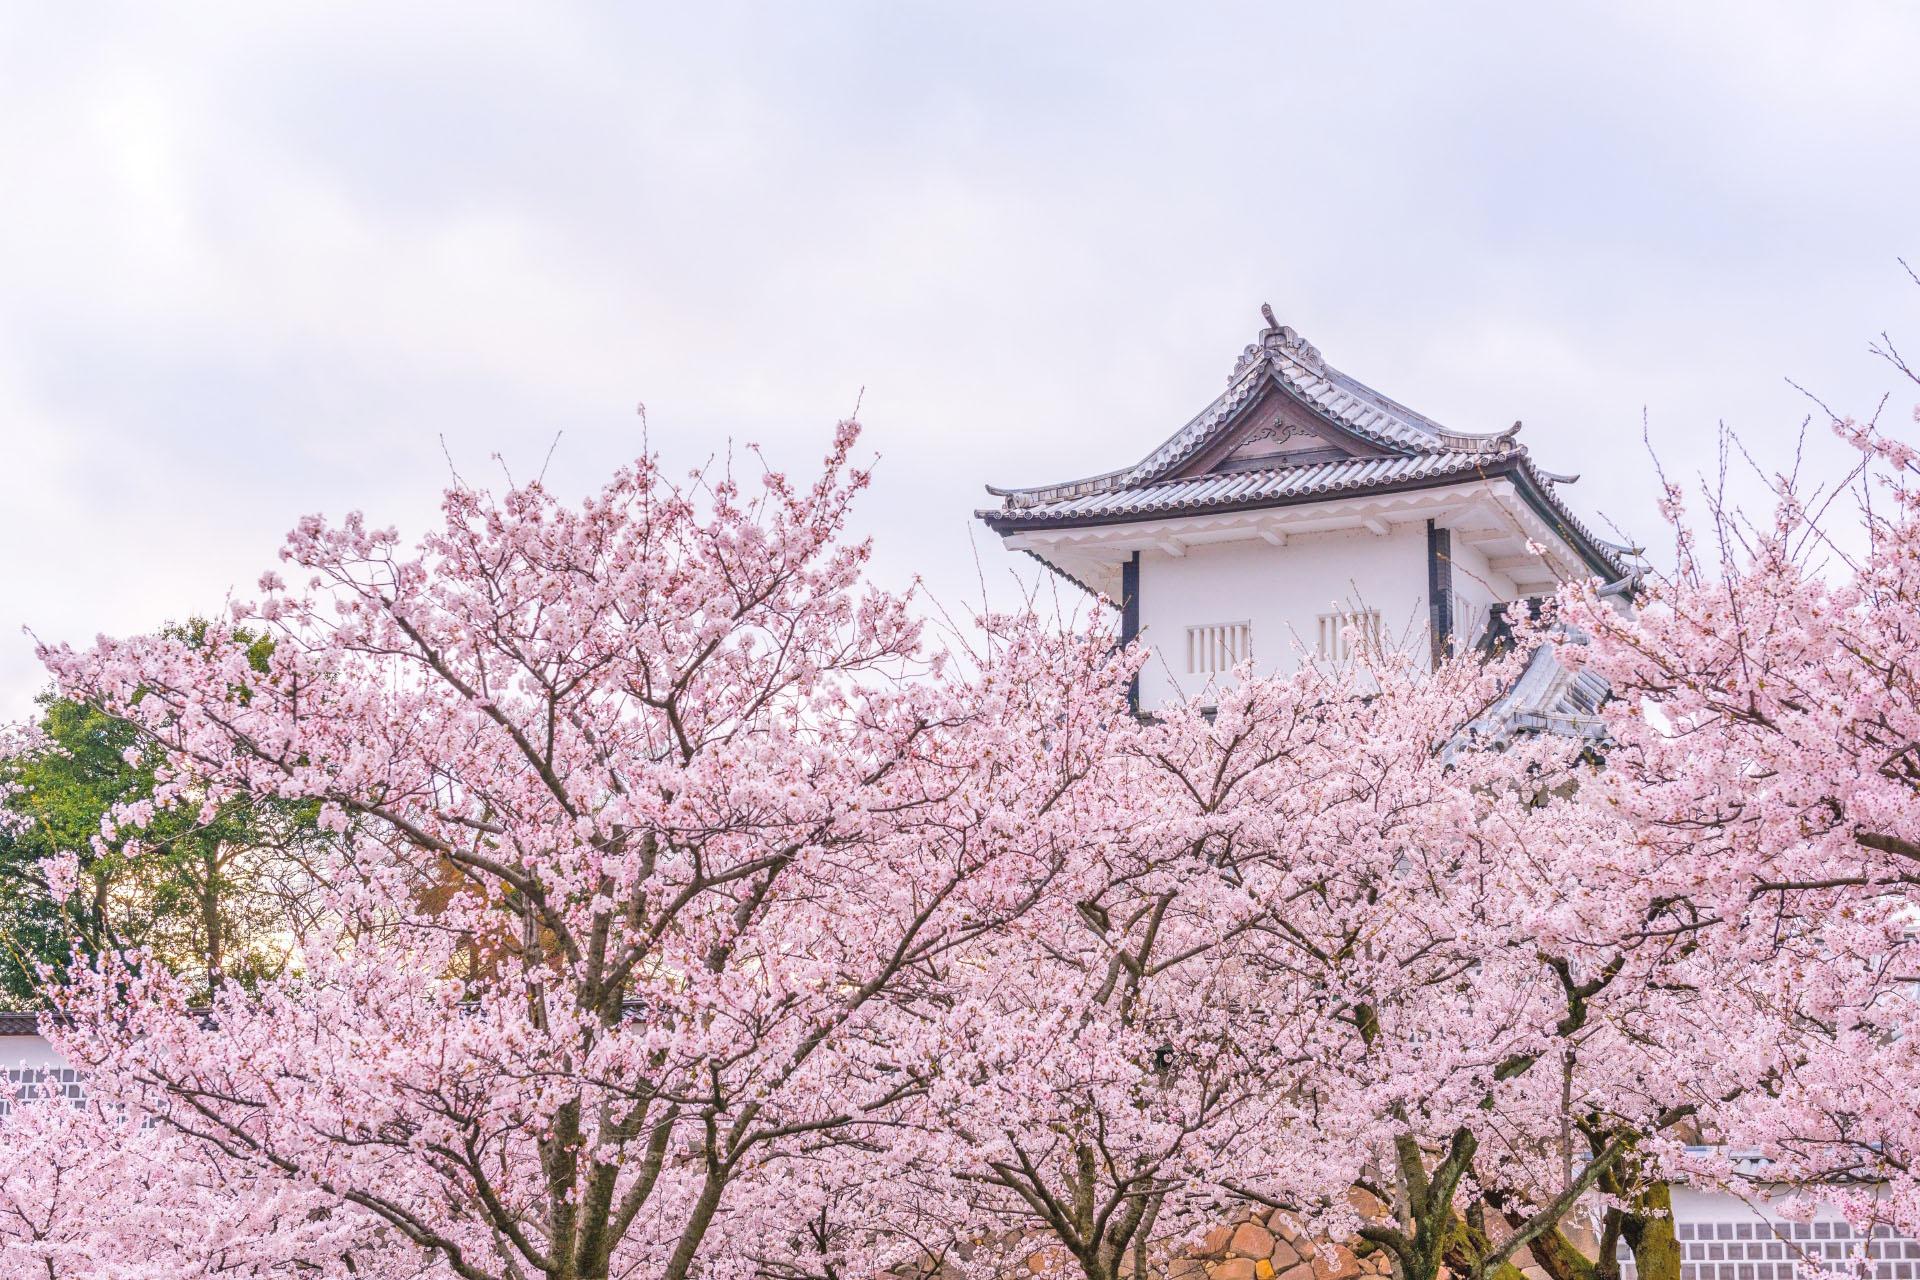 春の金沢城 桜と金沢城の風景 石川の風景